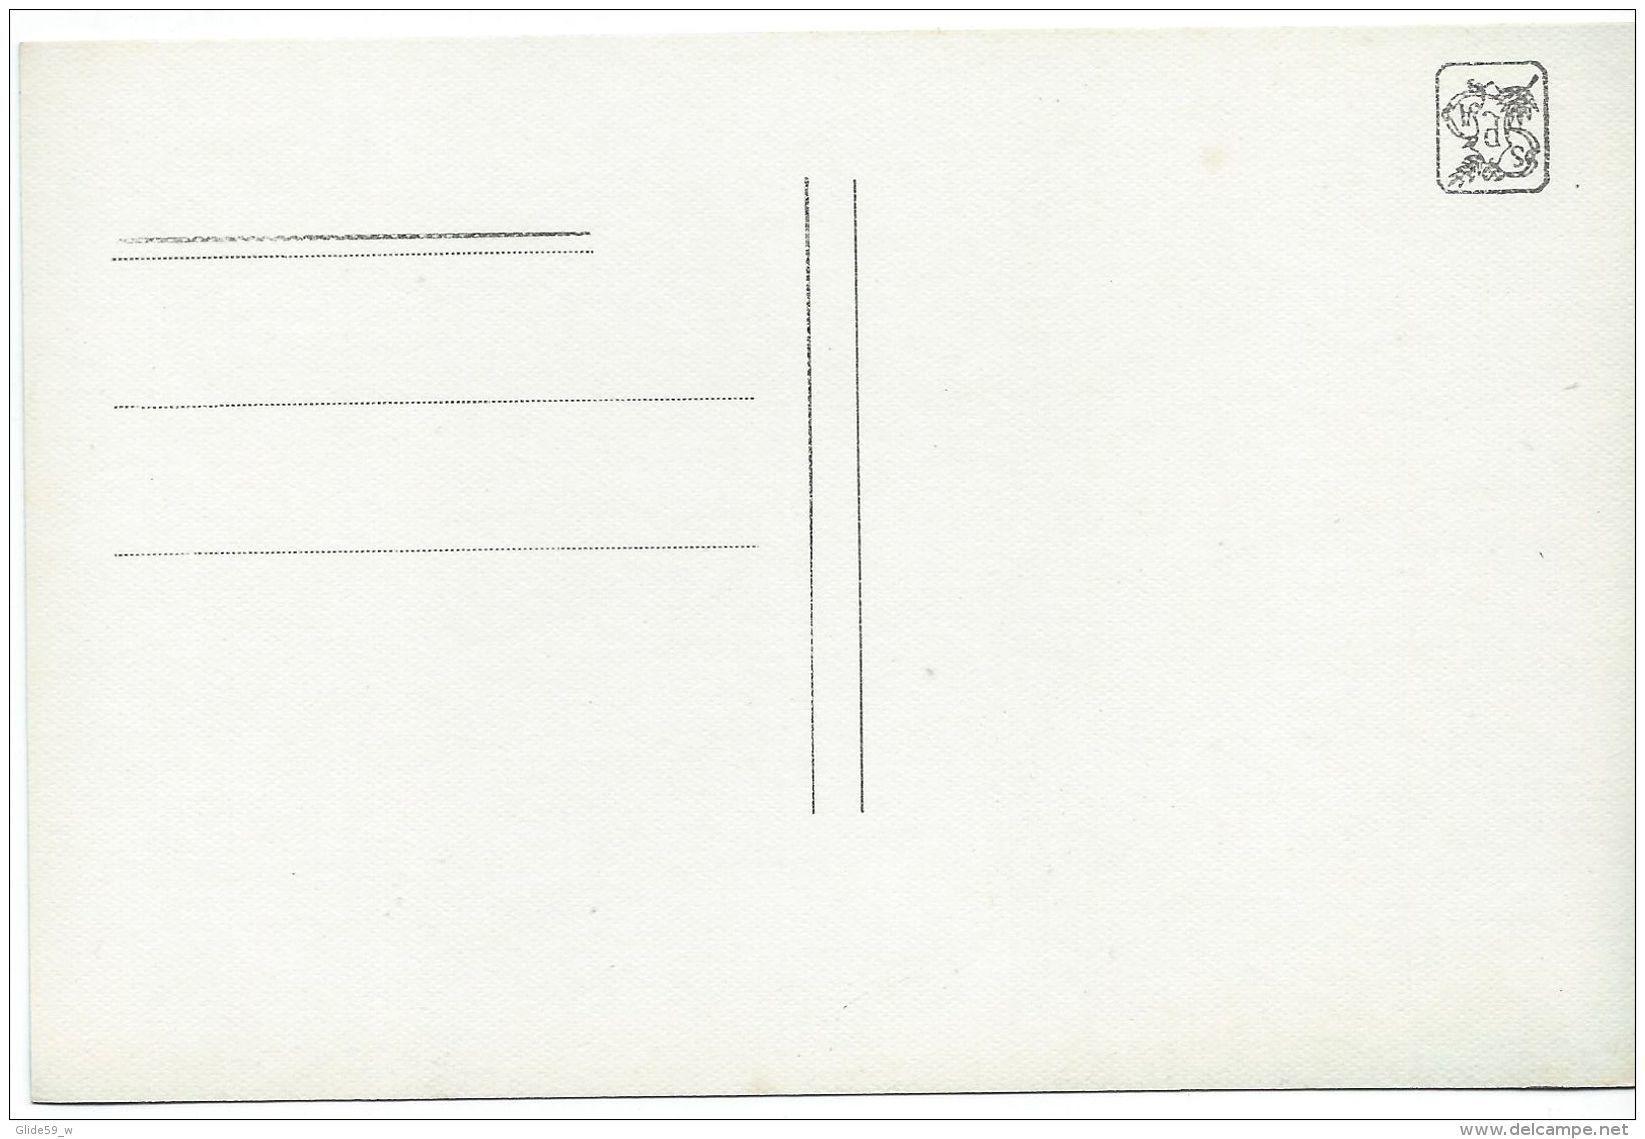 Paris Salon - G. BUSSIERE - Brunnehild - N° 2070 - Peintures & Tableaux